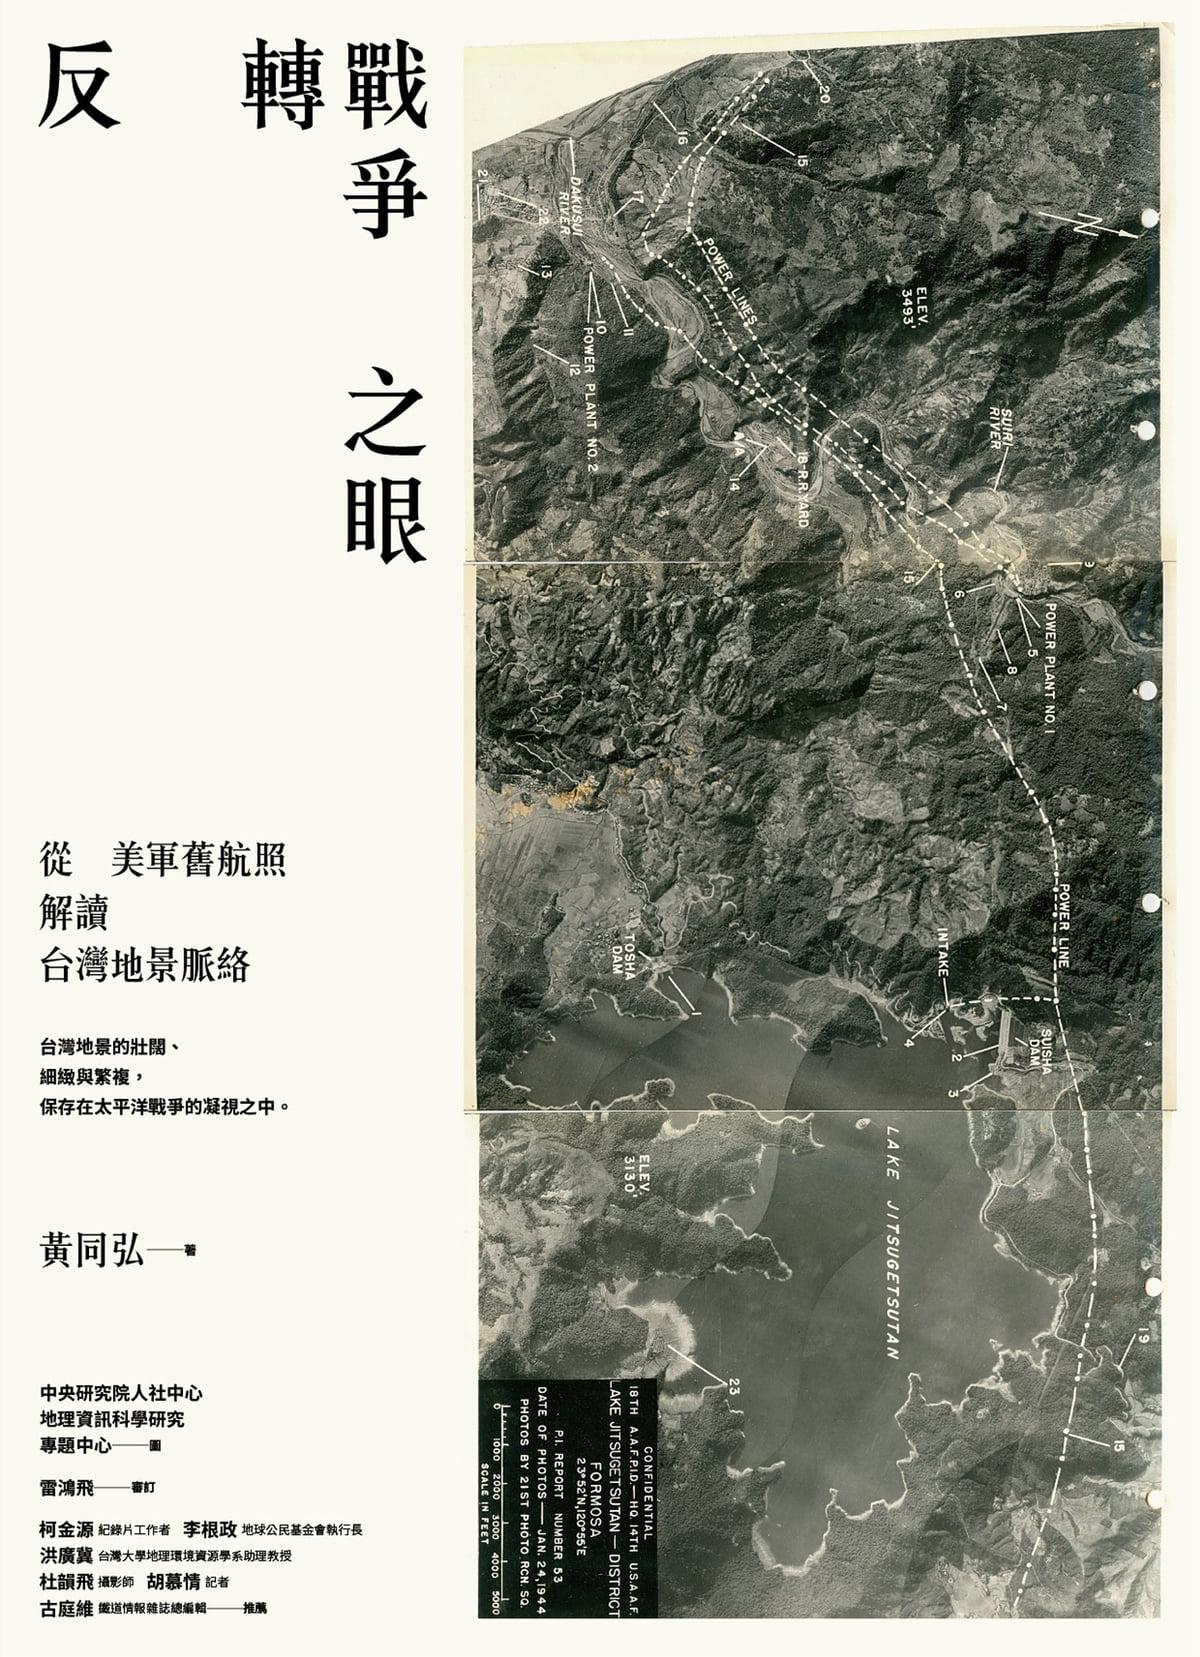 反轉戰爭之眼:從美軍舊航照解讀臺灣地景脈絡 電子書,分類依據 黃同弘 - 7283869465779   Rakuten Kobo